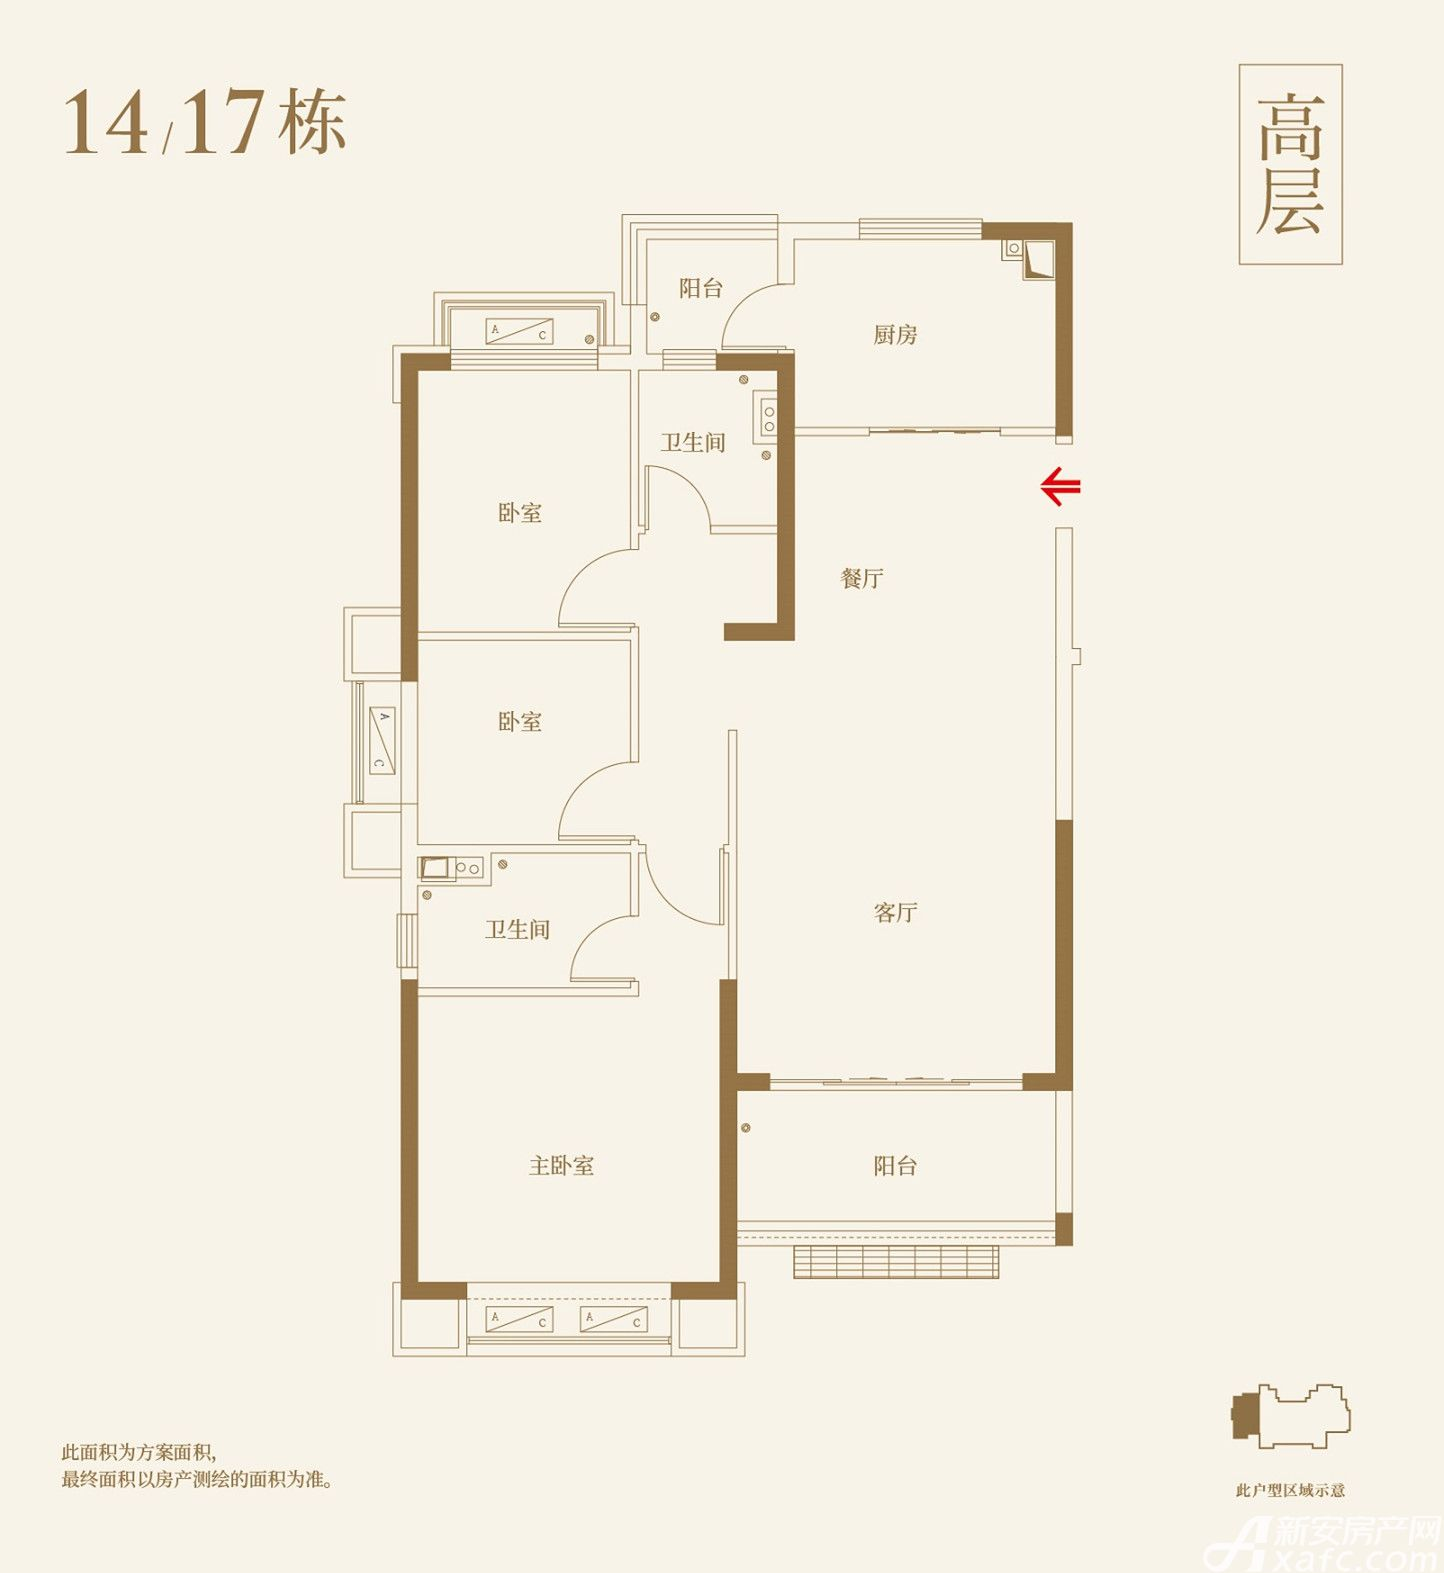 恒大御府14、17#A3室2厅118.57平米